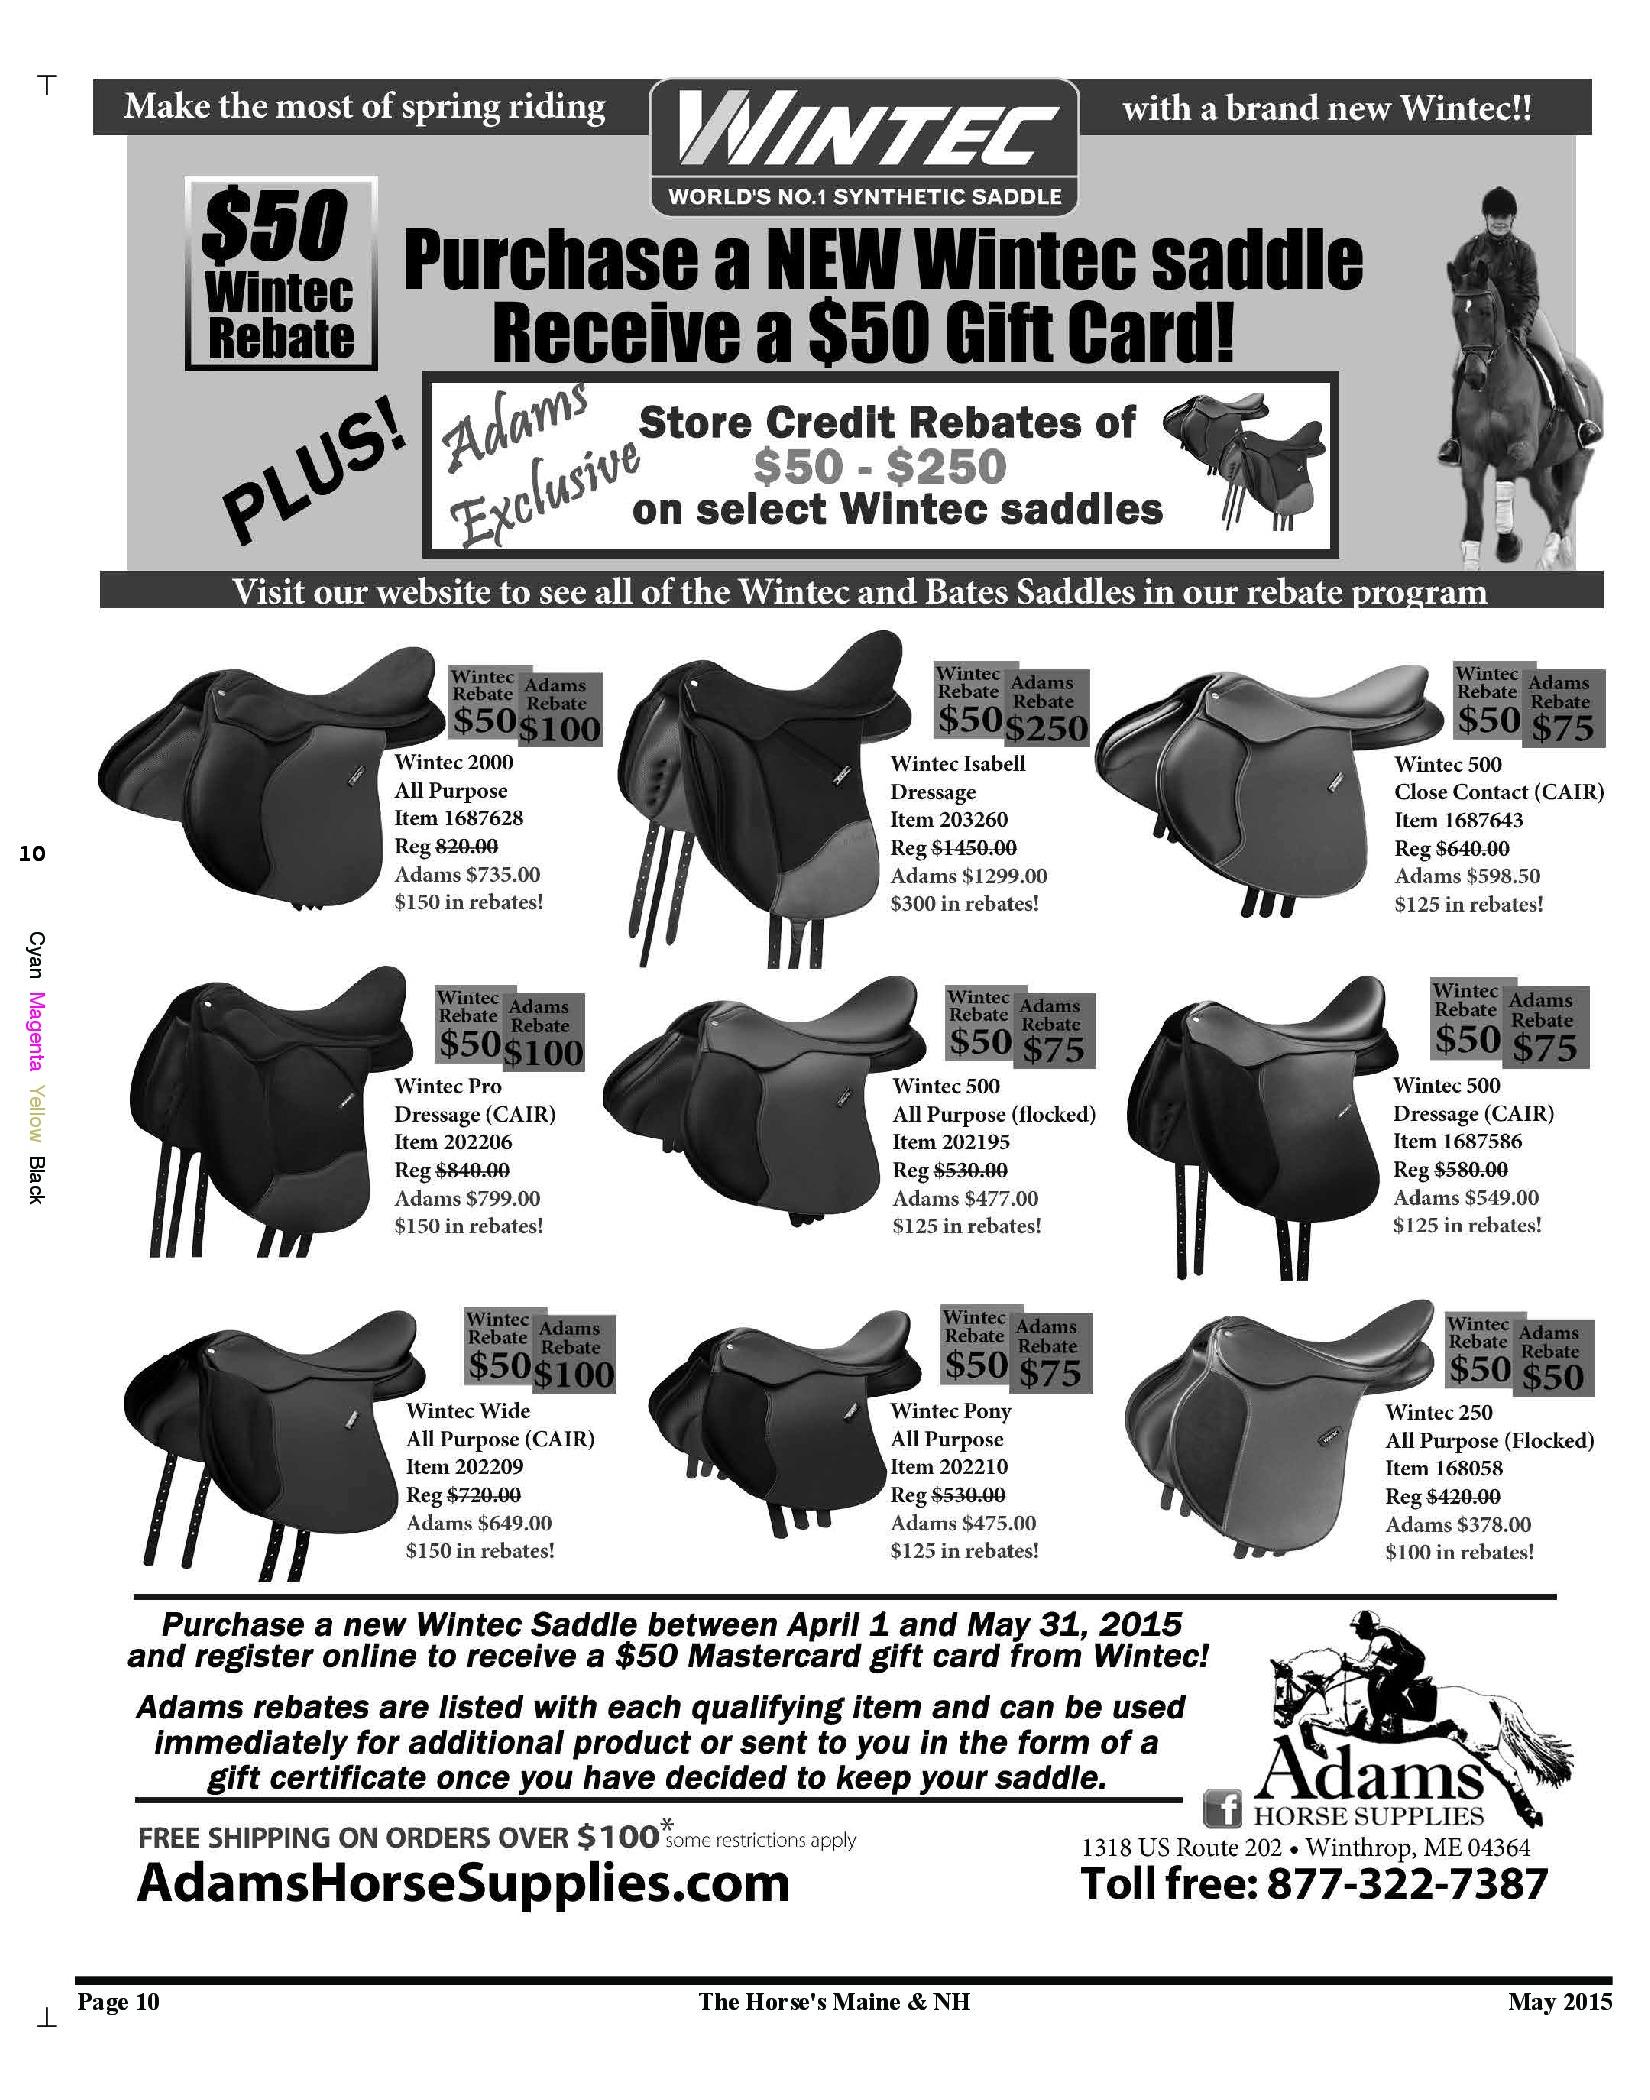 Adam's Horse Supplies